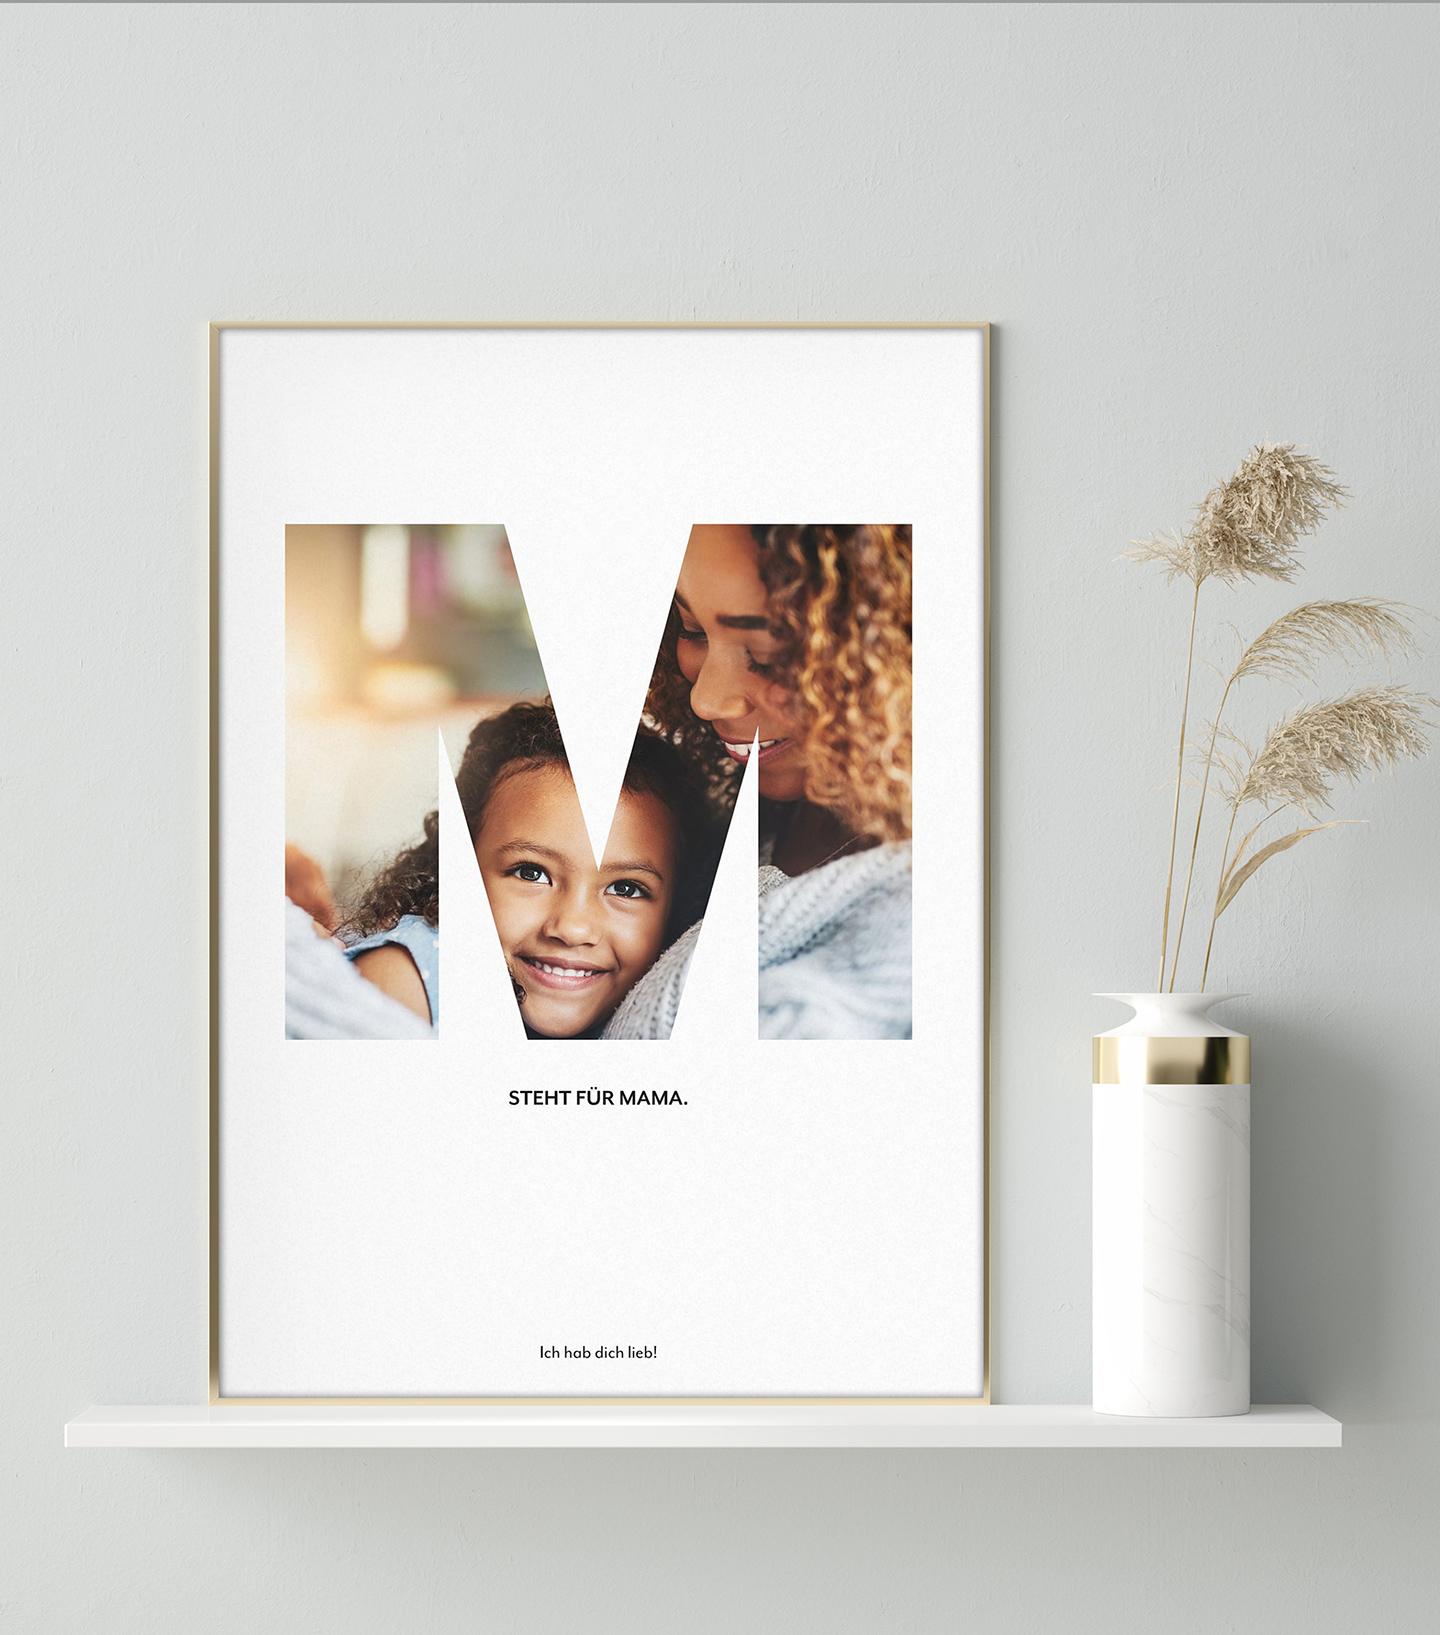 Gerahmte Poster steht auf weißem Regal als Geschenkidee zum Muttertag.